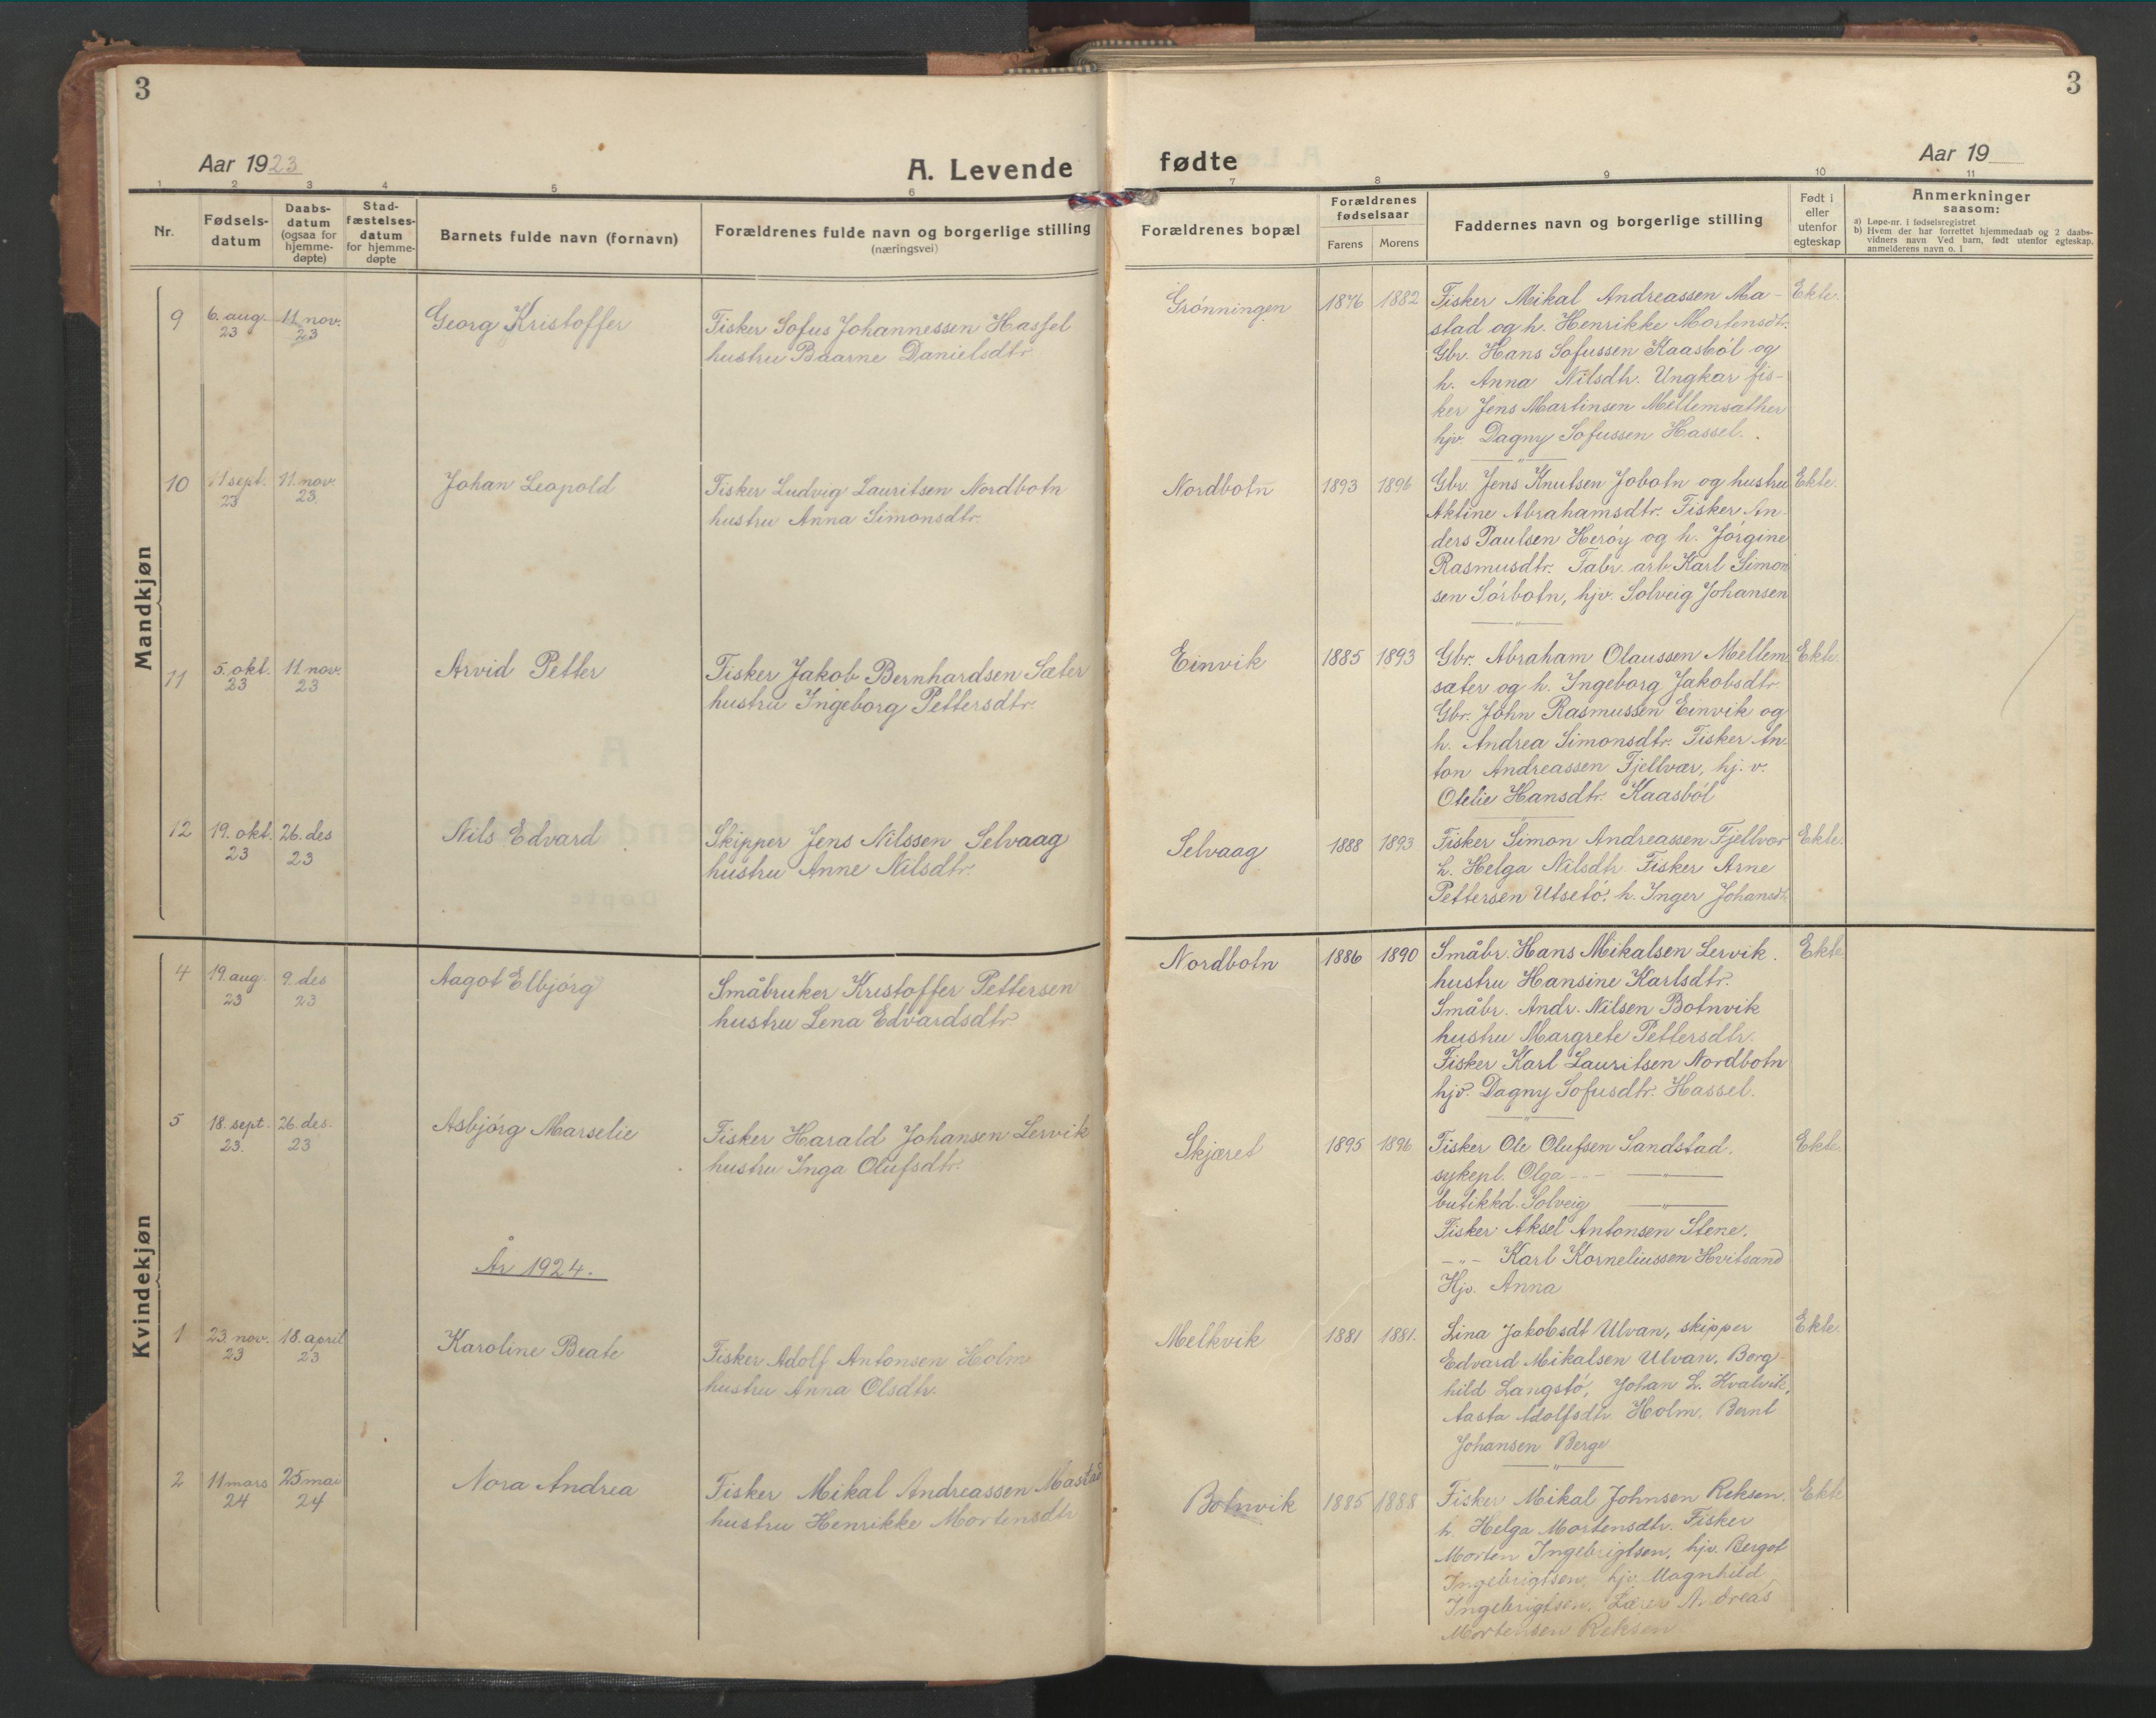 SAT, Ministerialprotokoller, klokkerbøker og fødselsregistre - Sør-Trøndelag, 638/L0569: Klokkerbok nr. 638C01, 1923-1961, s. 3